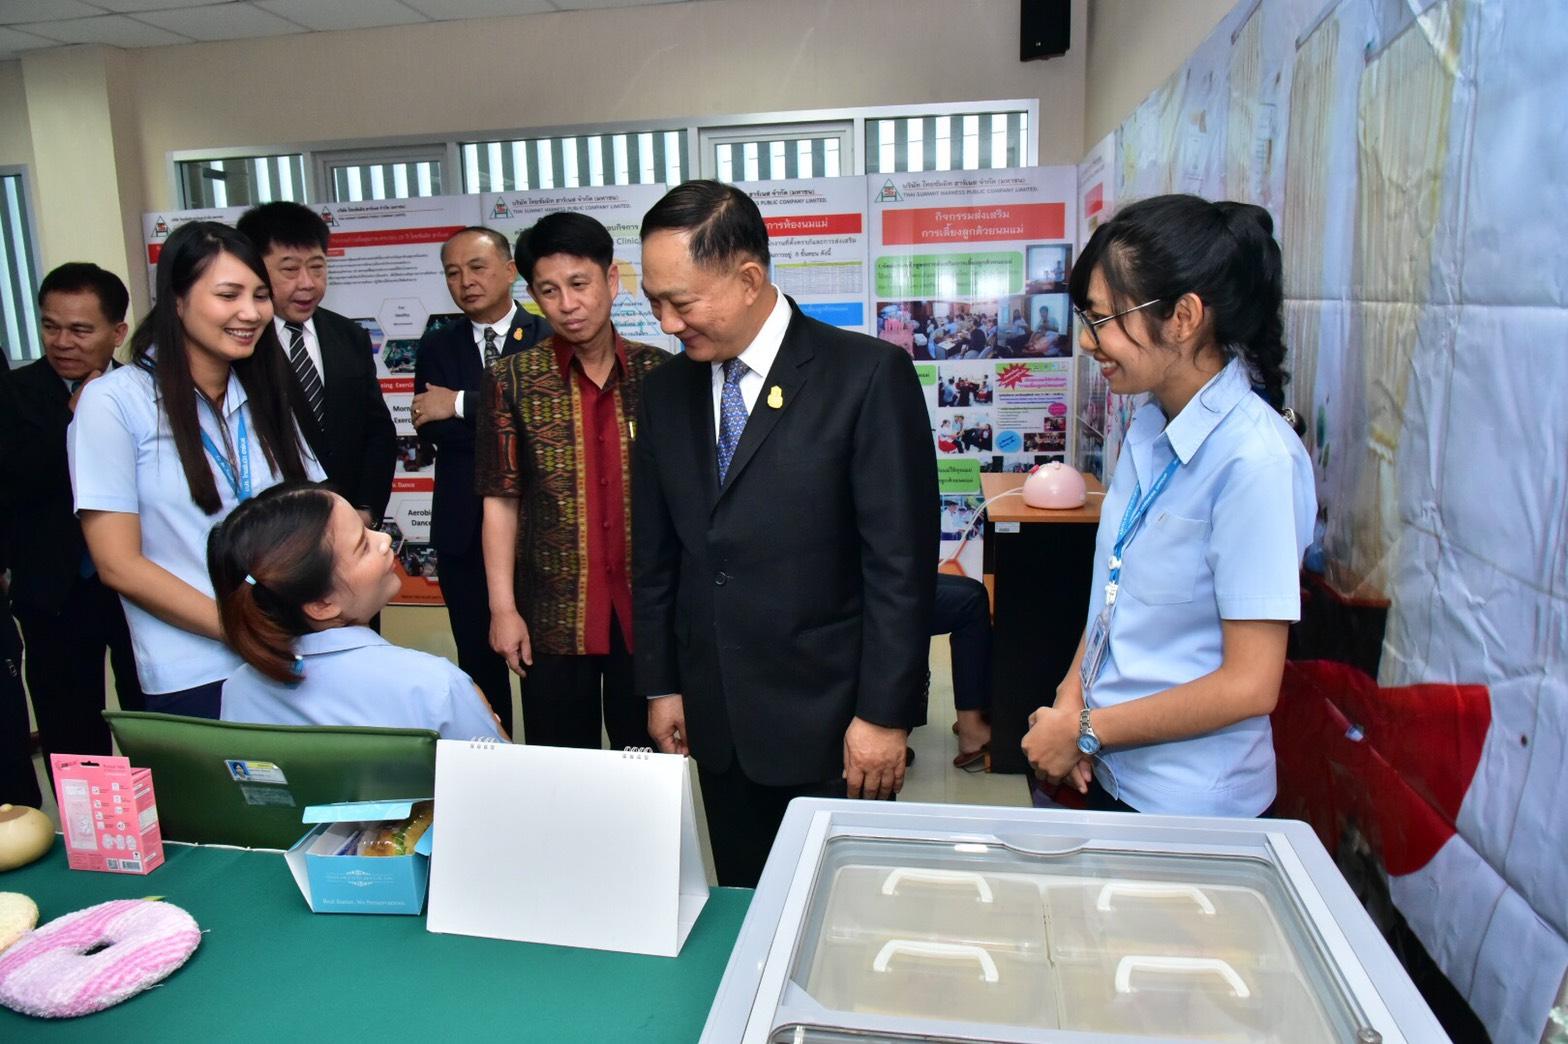 จัดกิจกรรมส่งเสริมสุขภาพเชิงรุกในสถานประกอบการ ณ นิคมอุตสาหกรรมอมตะซิตี้ชลบุรี  จังหวัดชลบุรี